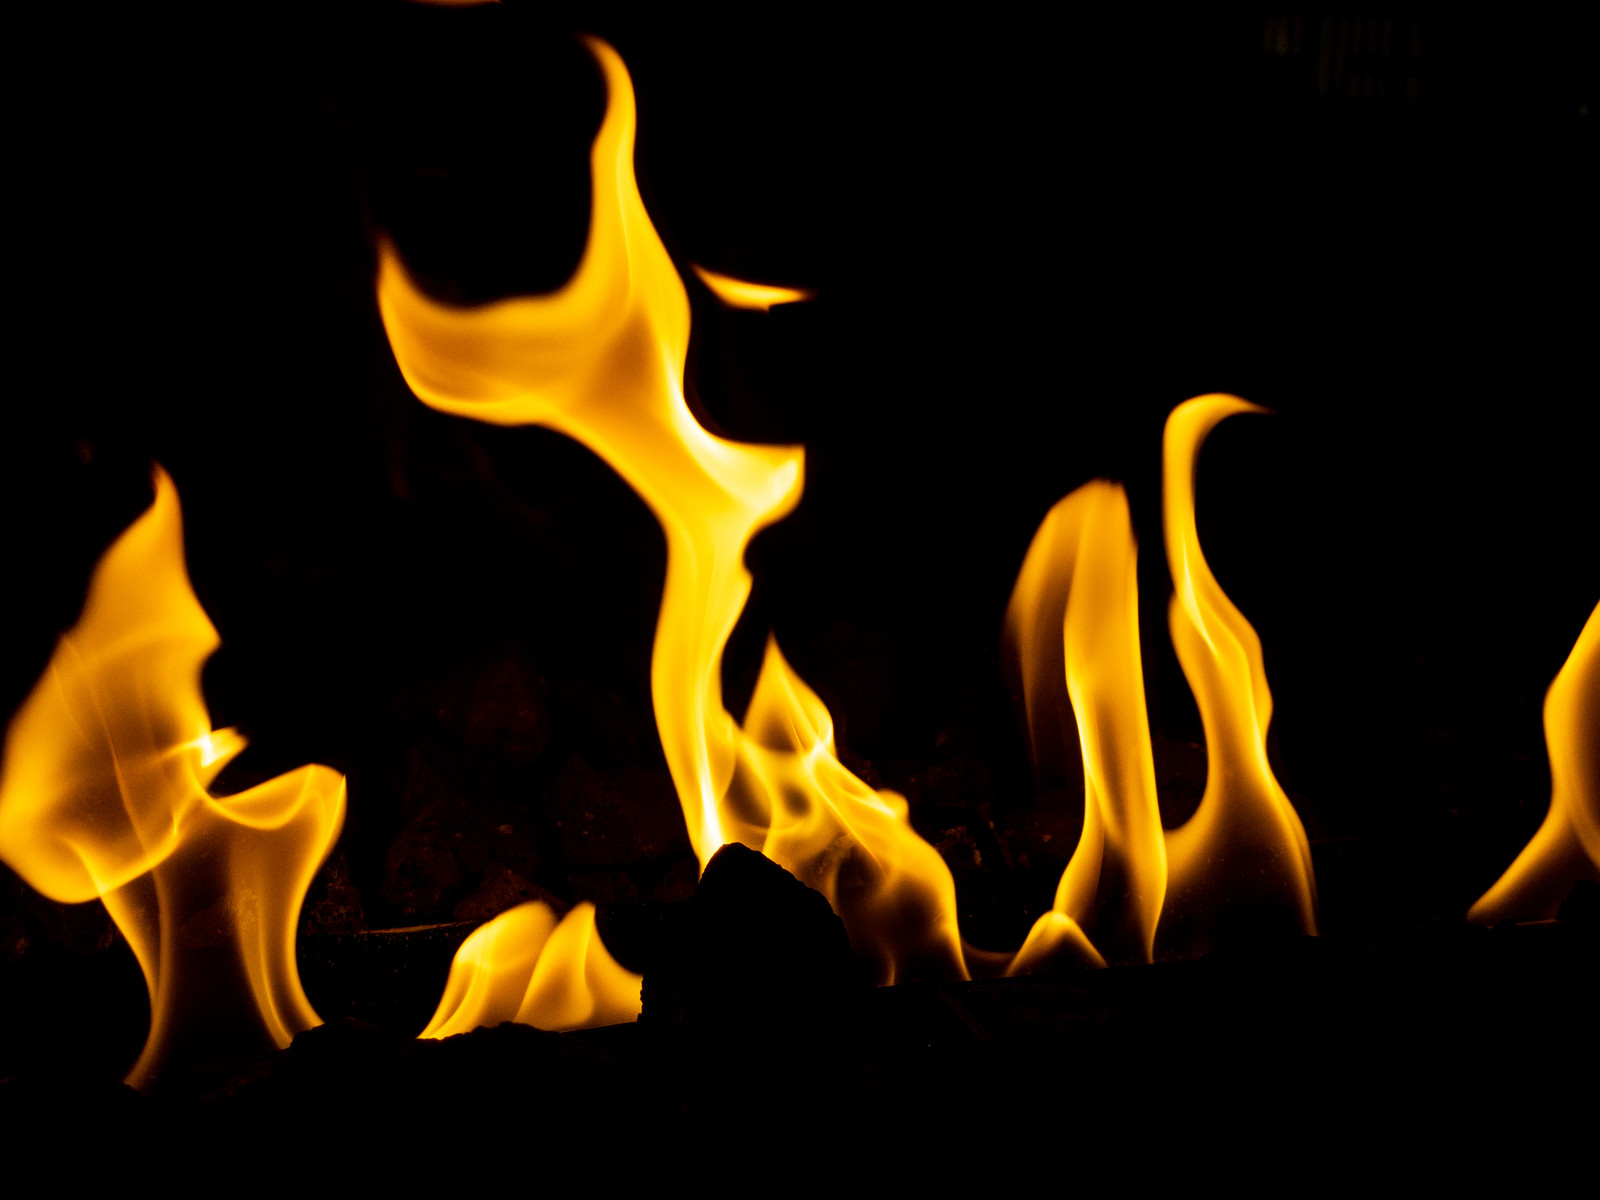 「燃え盛る炎」の写真